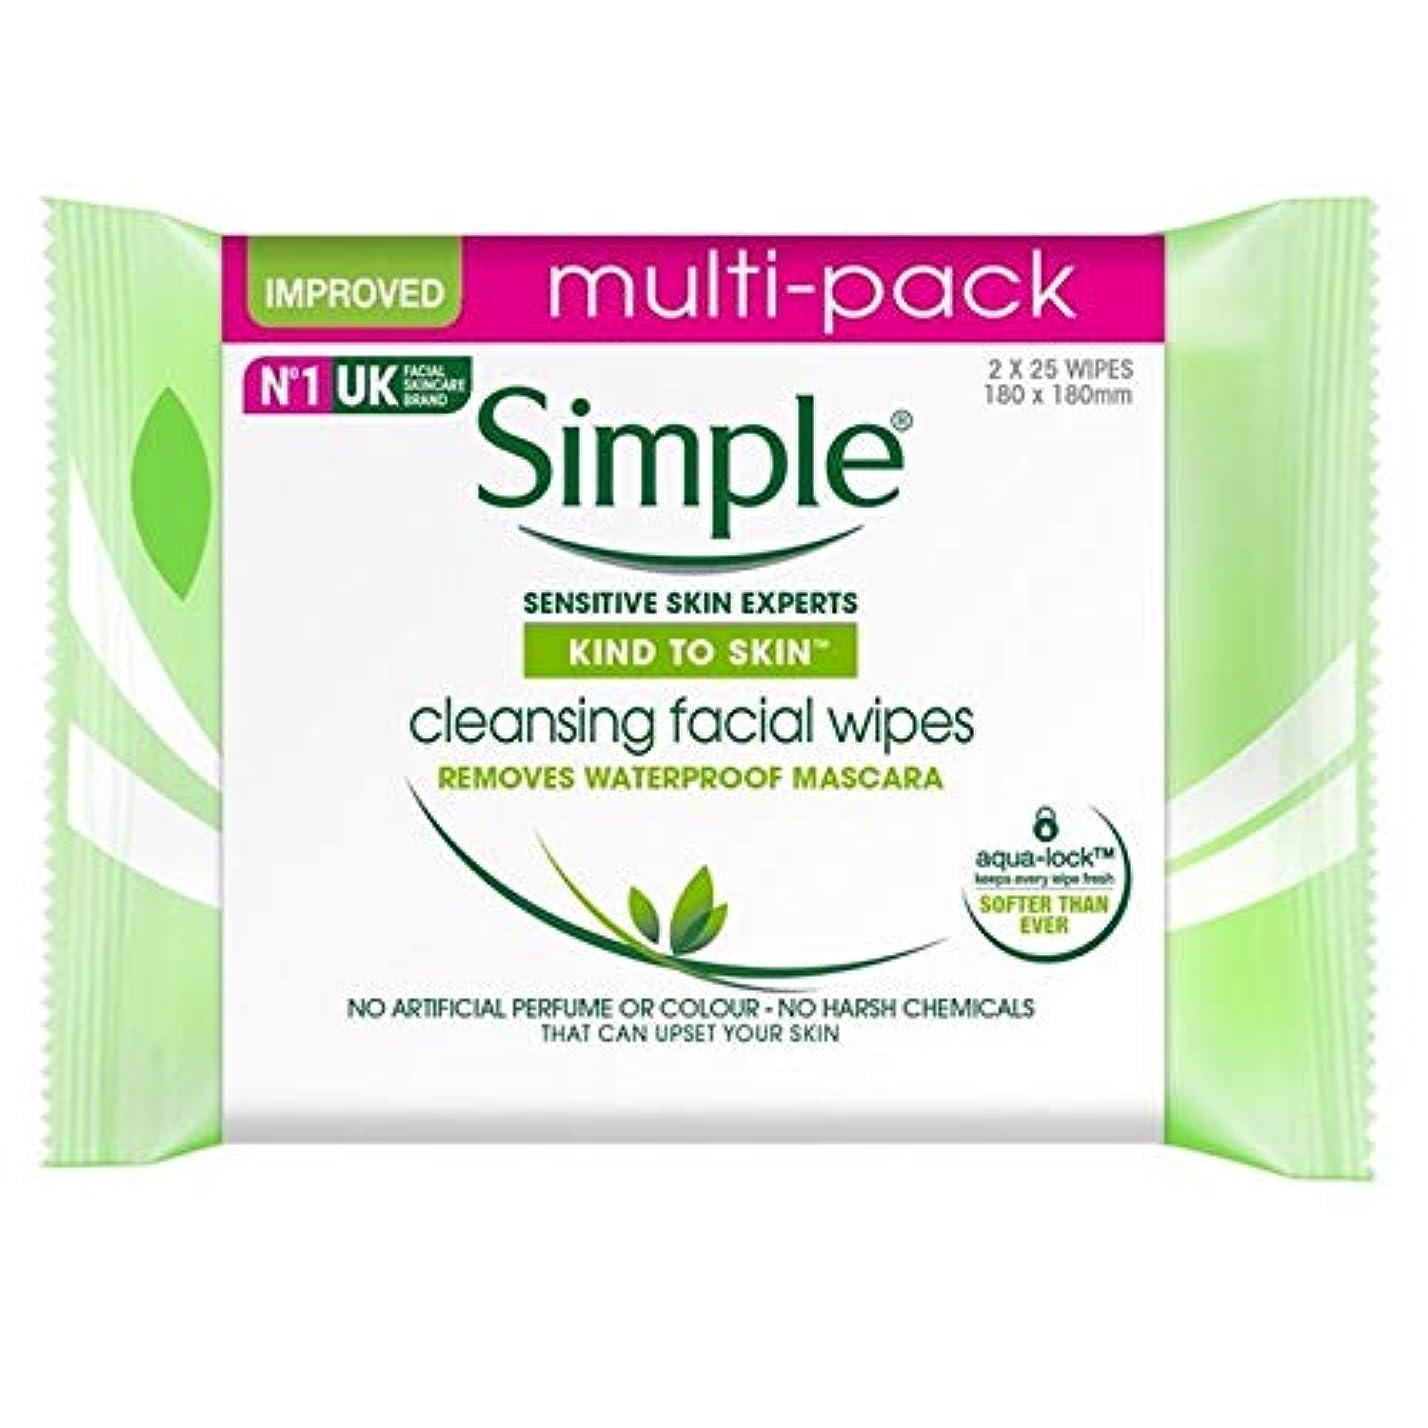 欠かせない画家売る[Simple ] 肌のクレンジングフェイシャルワイプ2×25パックあたりに簡単な種類 - Simple Kind To Skin Cleansing Facial Wipes 2 x 25 per pack [並行輸入品]